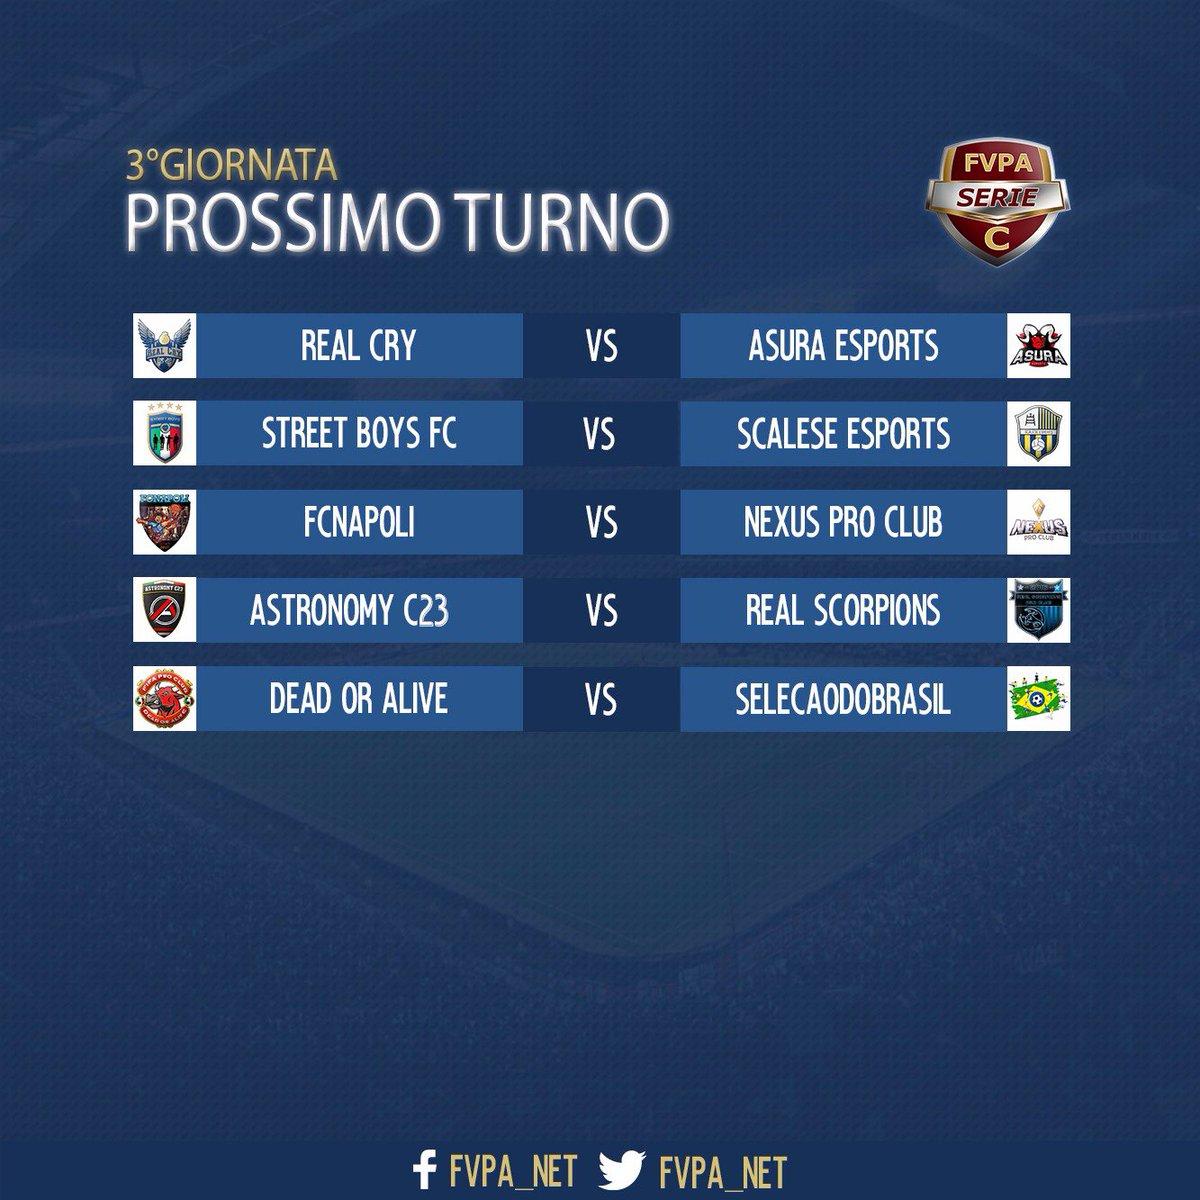 Fvpa Net On Twitter Le Partite Di Stasera Del Campionato Ps4 Di Fvpa 29 10 2018 3 Giornata Serie A B C1 C2 22 15